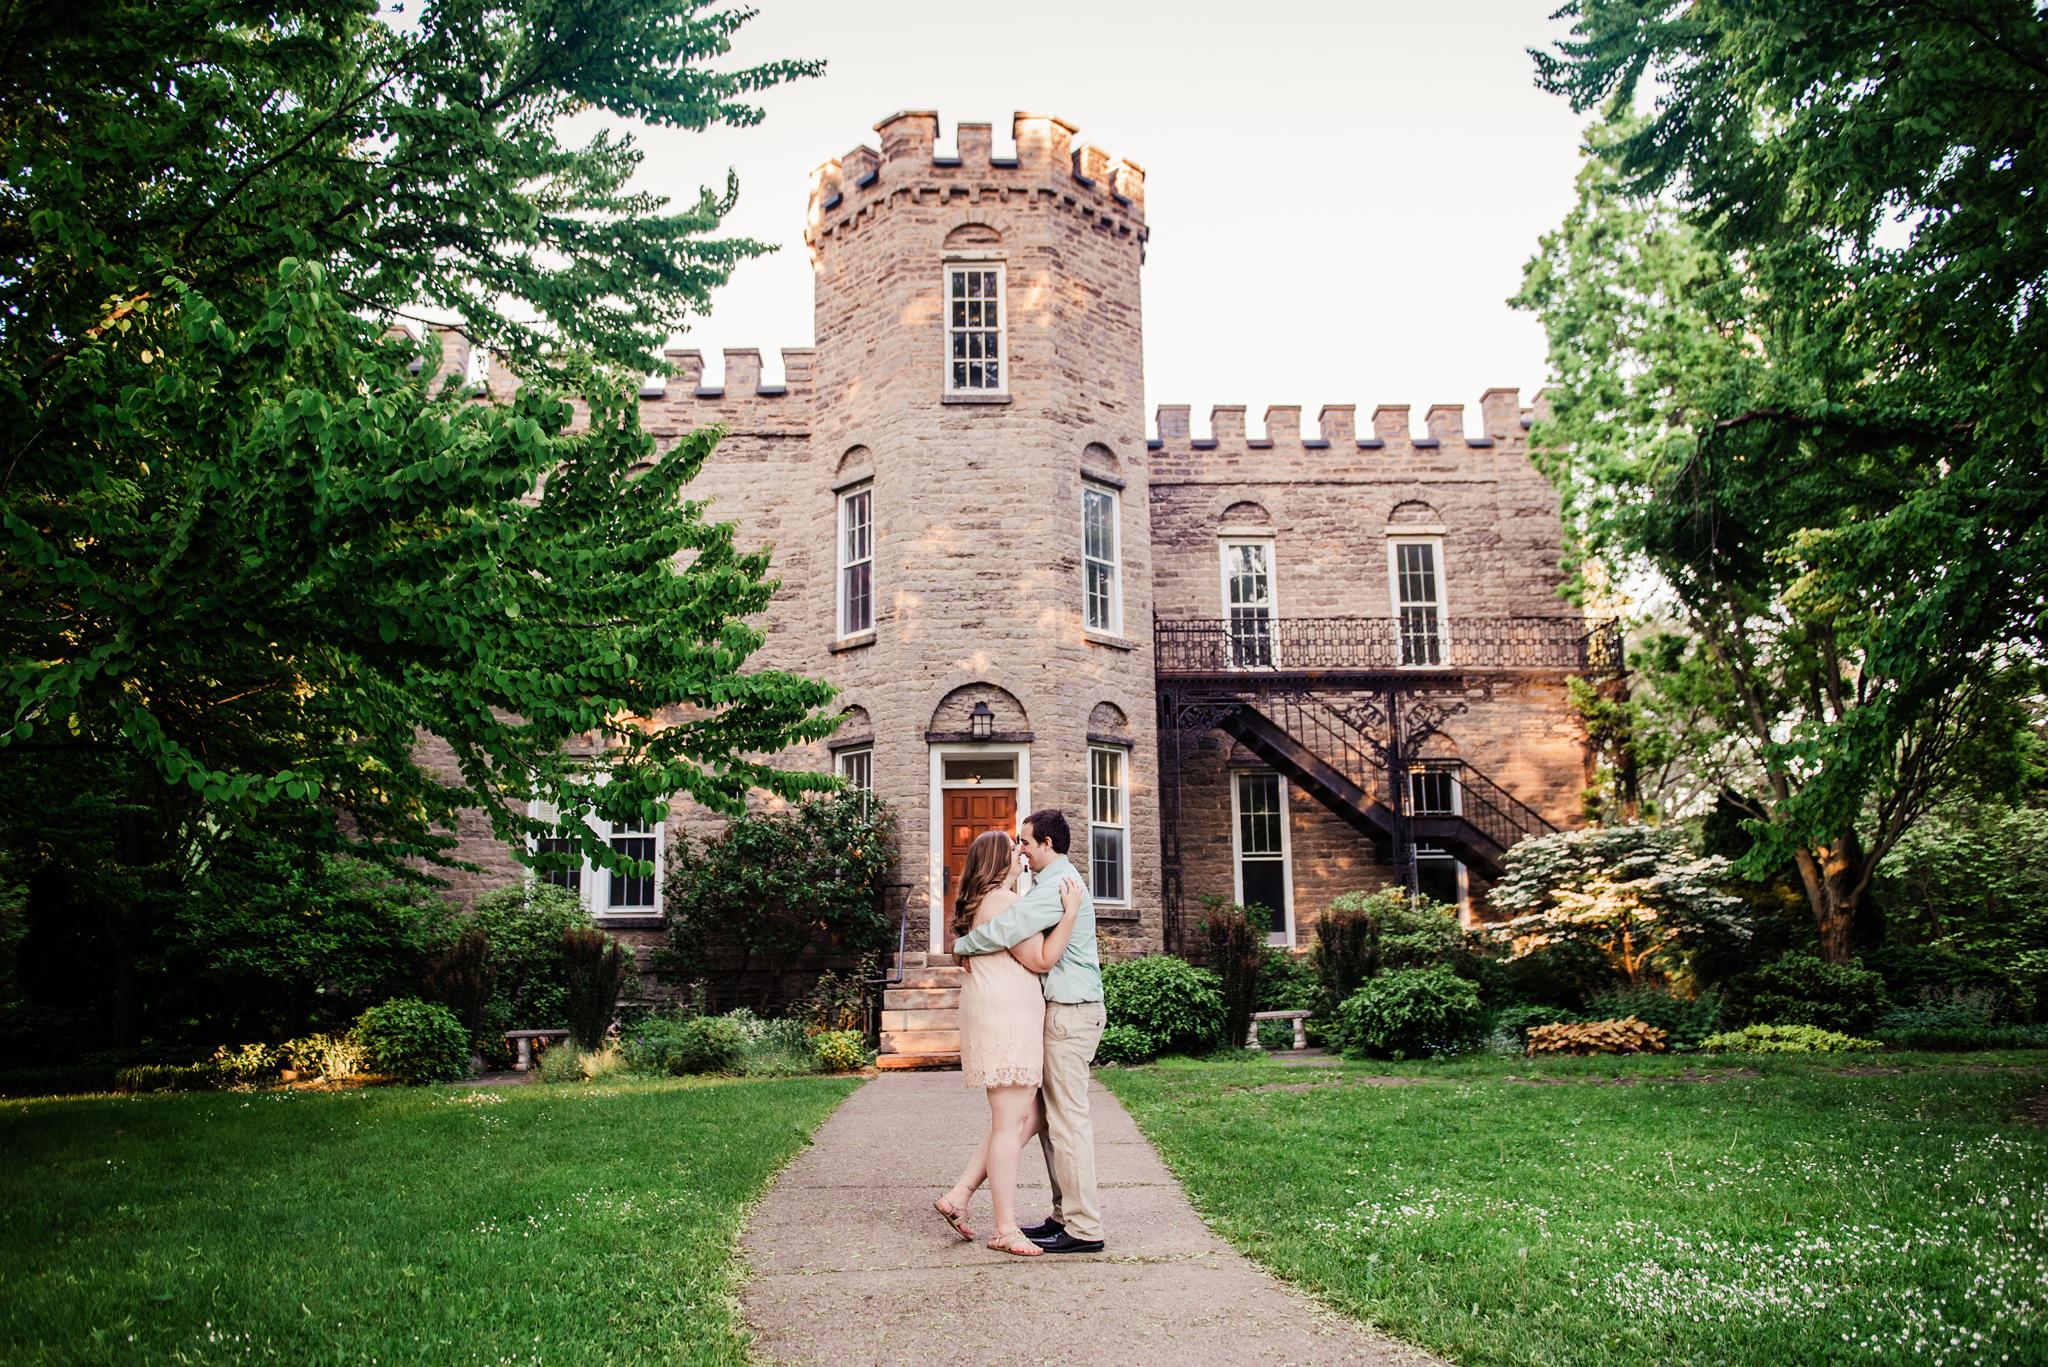 Warner_Castle_Sunken_Gardens_Rochester_Engagement_Session_JILL_STUDIO_Rochester_NY_Photographer_DSC_1514.jpg